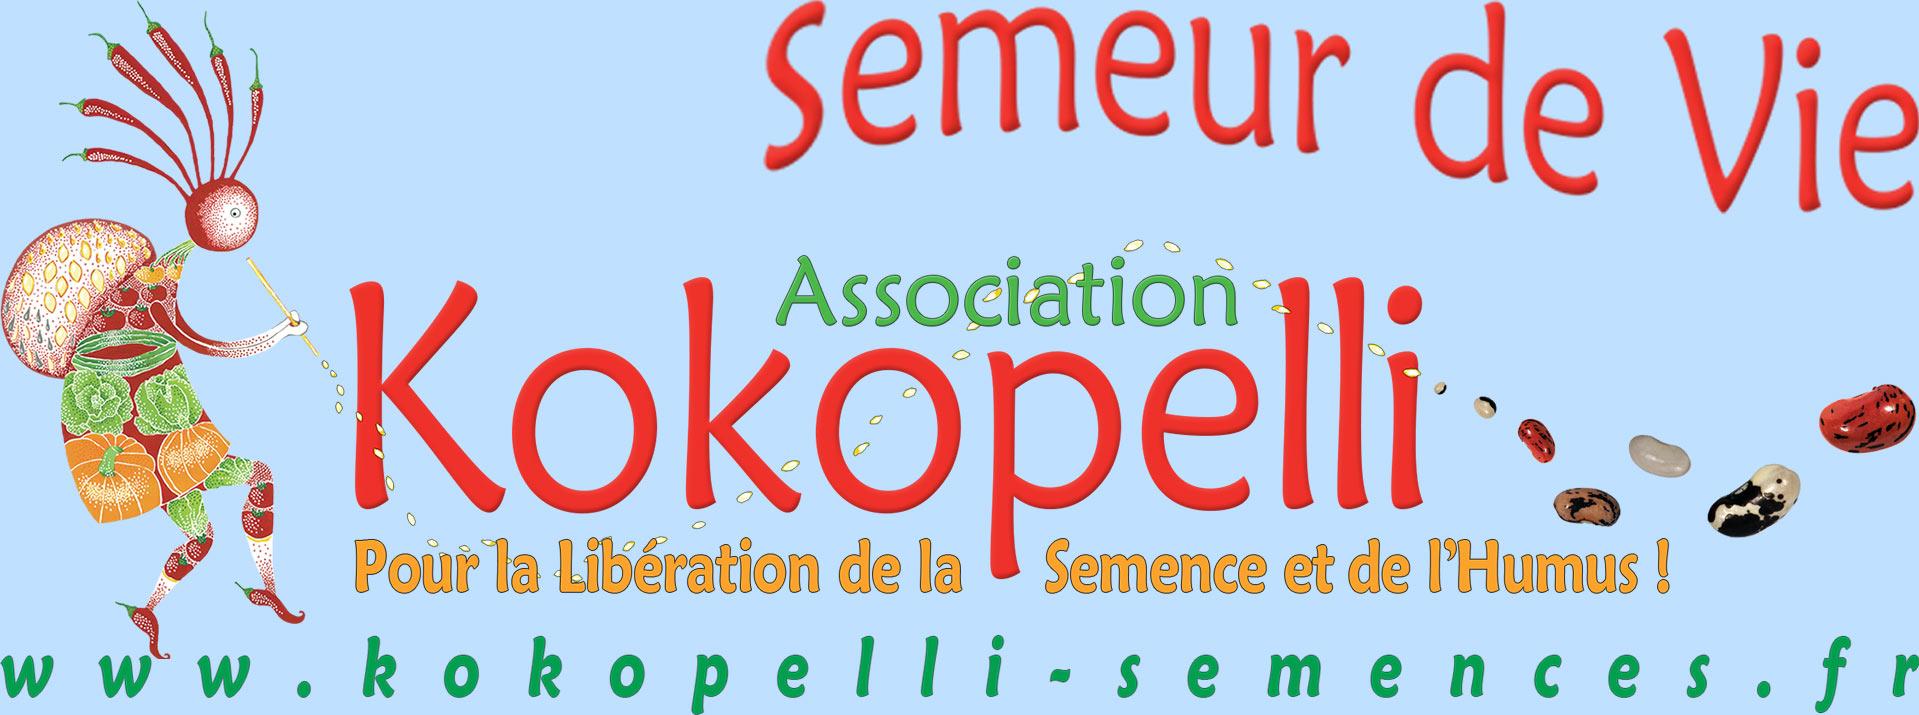 «Kokopelli», une Association française qui distribue des Semences, libres de Droits et reproductibles, issues de l'Agriculture biologique et biodynamique